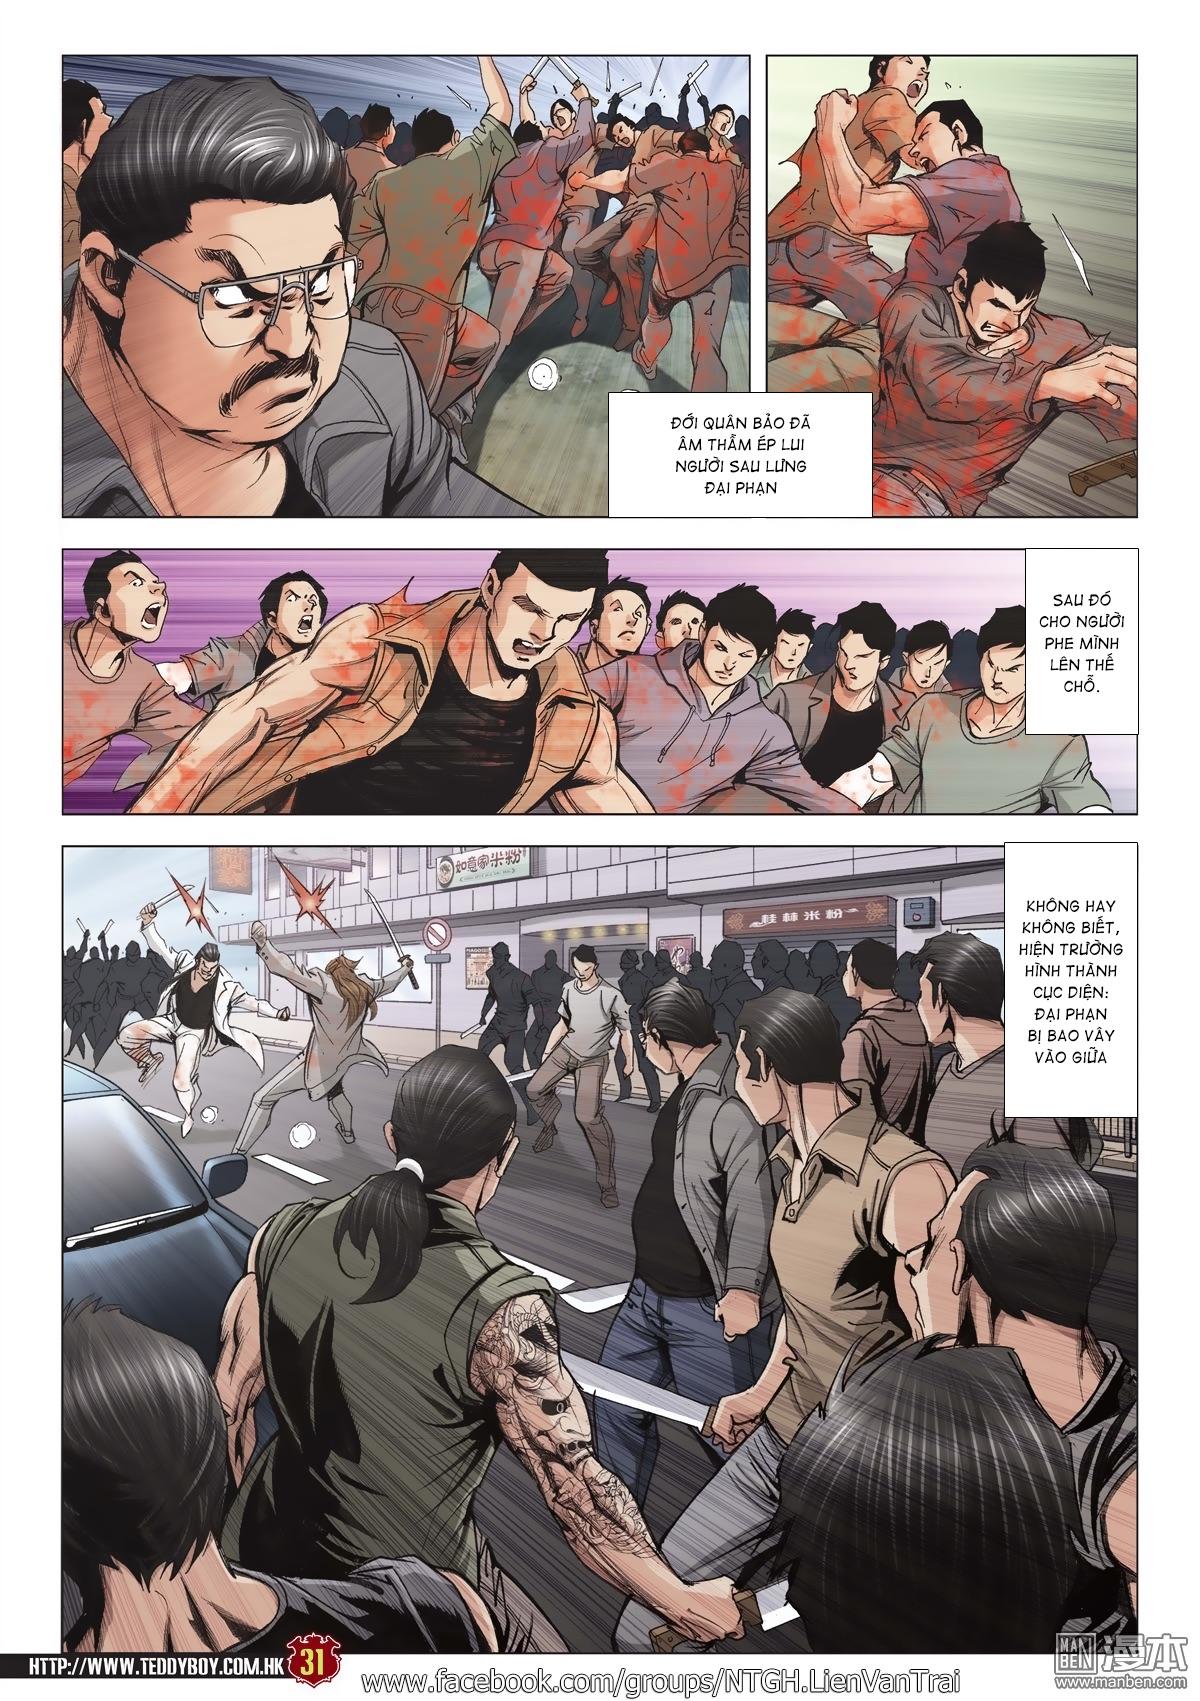 Người Trong Giang Hồ chapter 2015: tọa sơn hổ vs đại phạn trang 28